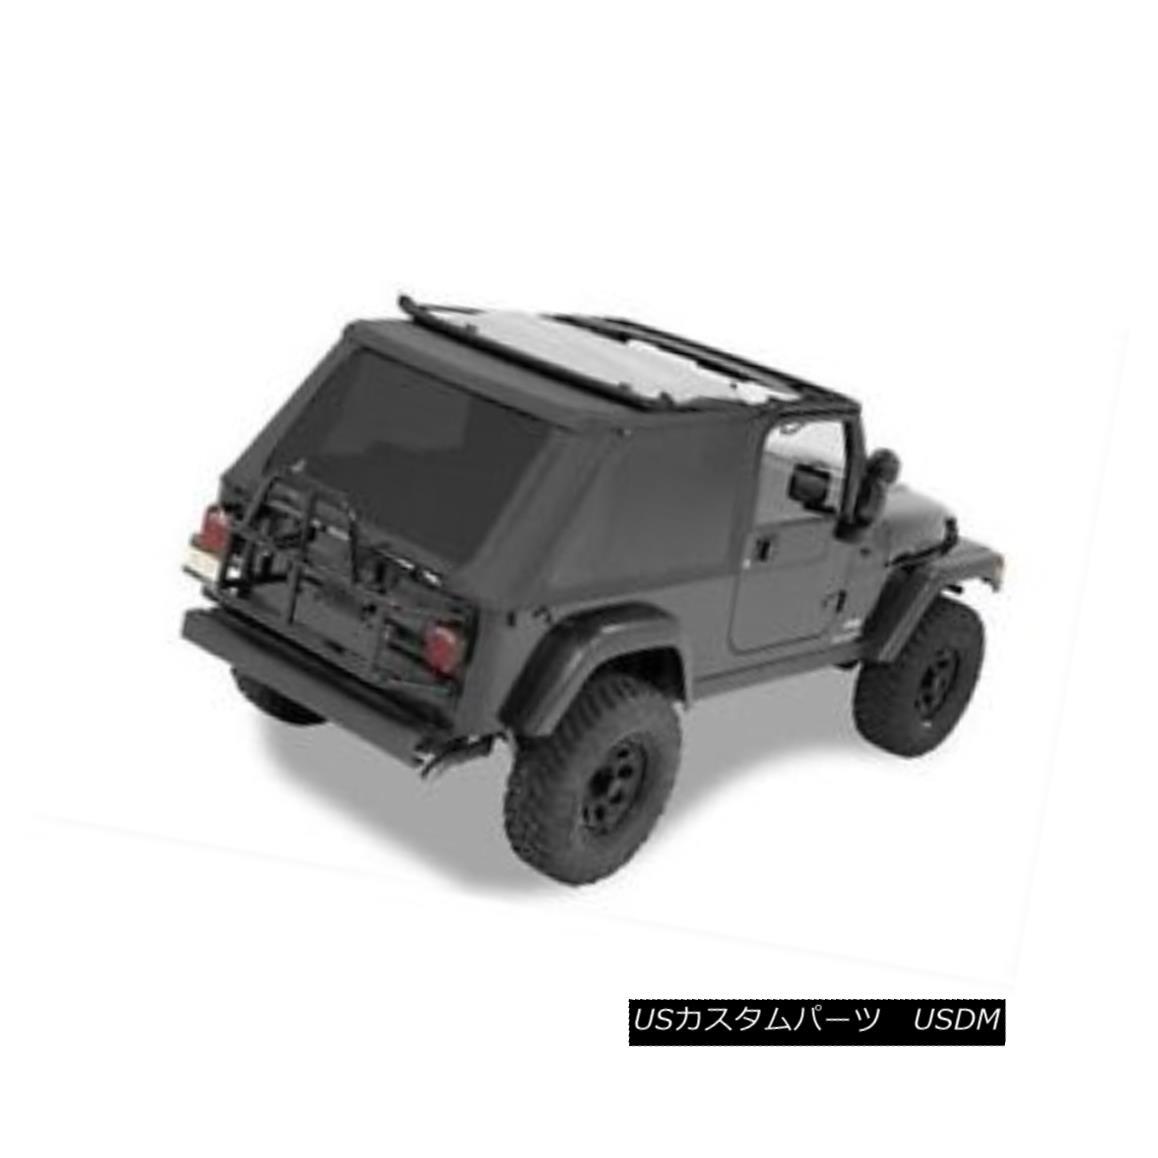 幌・ソフトトップ Bestop 56821-35 Soft Top Polymer Cloth Black Diamond Tinted Windows Jeep 2-door Bestop 56821-35ソフトトップポリマー布ブラックダイヤモンドティンテッドWindowsジープ2ドア